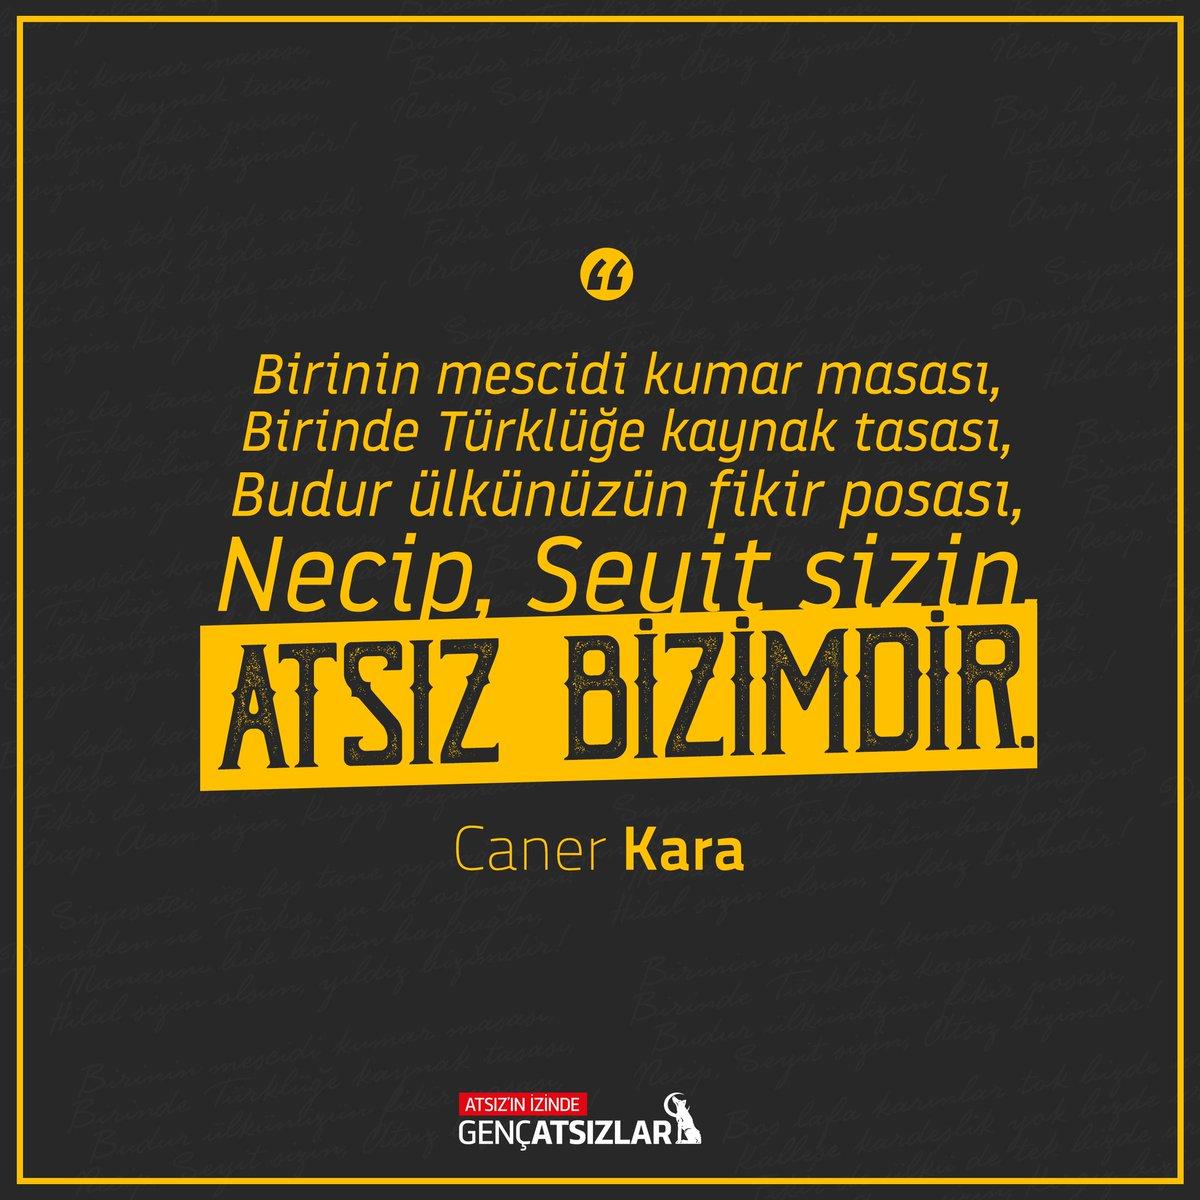 RT @GencAtsizlar_: #NihalAtsızOkuyoruz https://t.co/N483LAsOnR